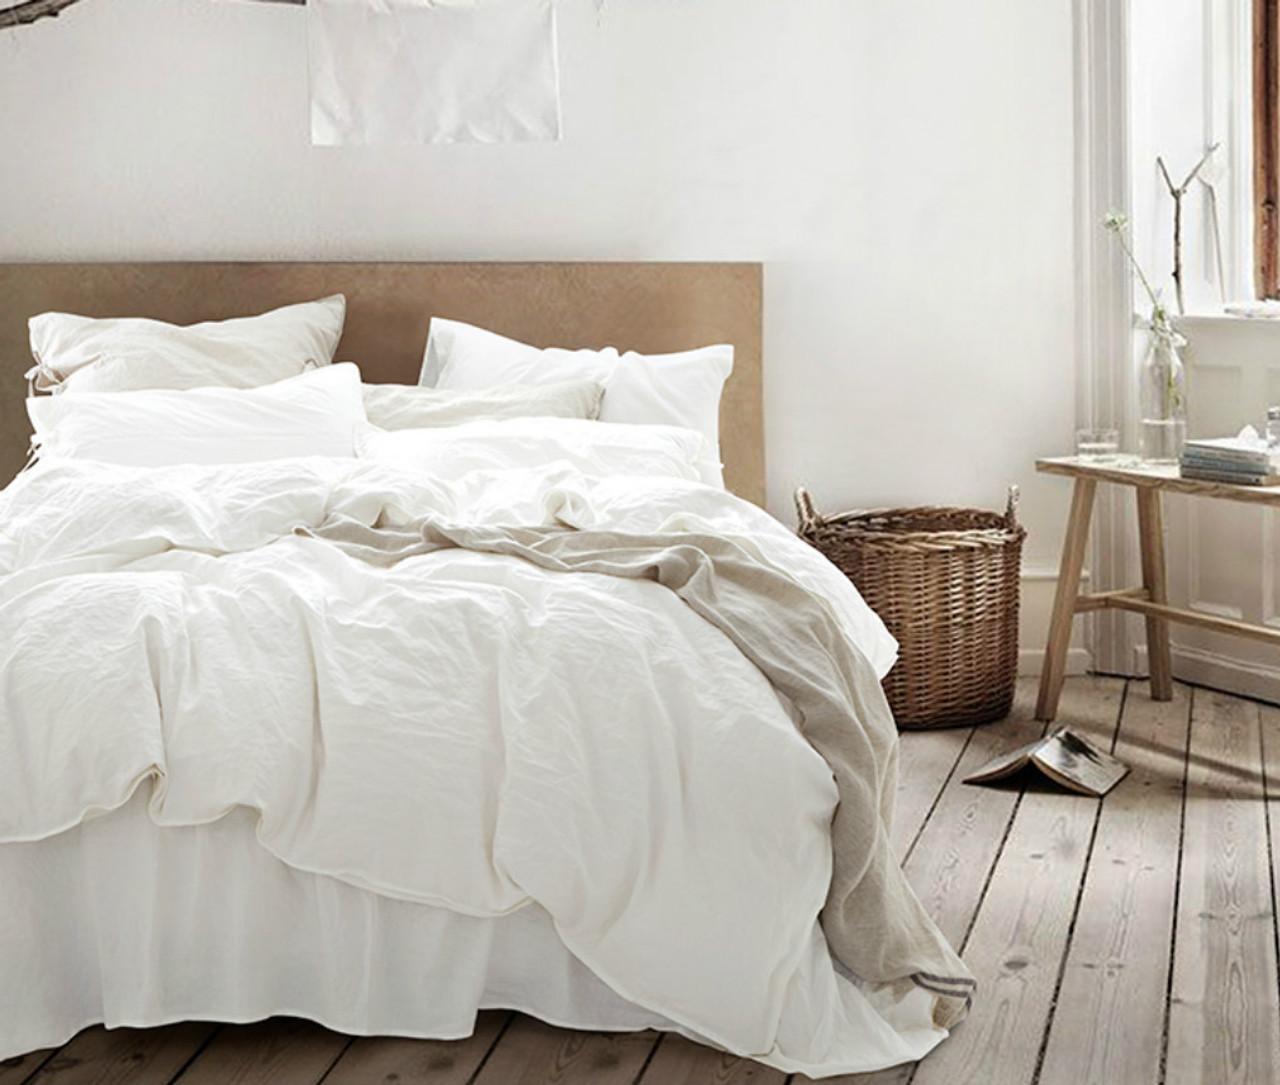 white linen duvet cover White Duvet Cover, Natural Linen, Custom Size, Queen/King/Calif  white linen duvet cover